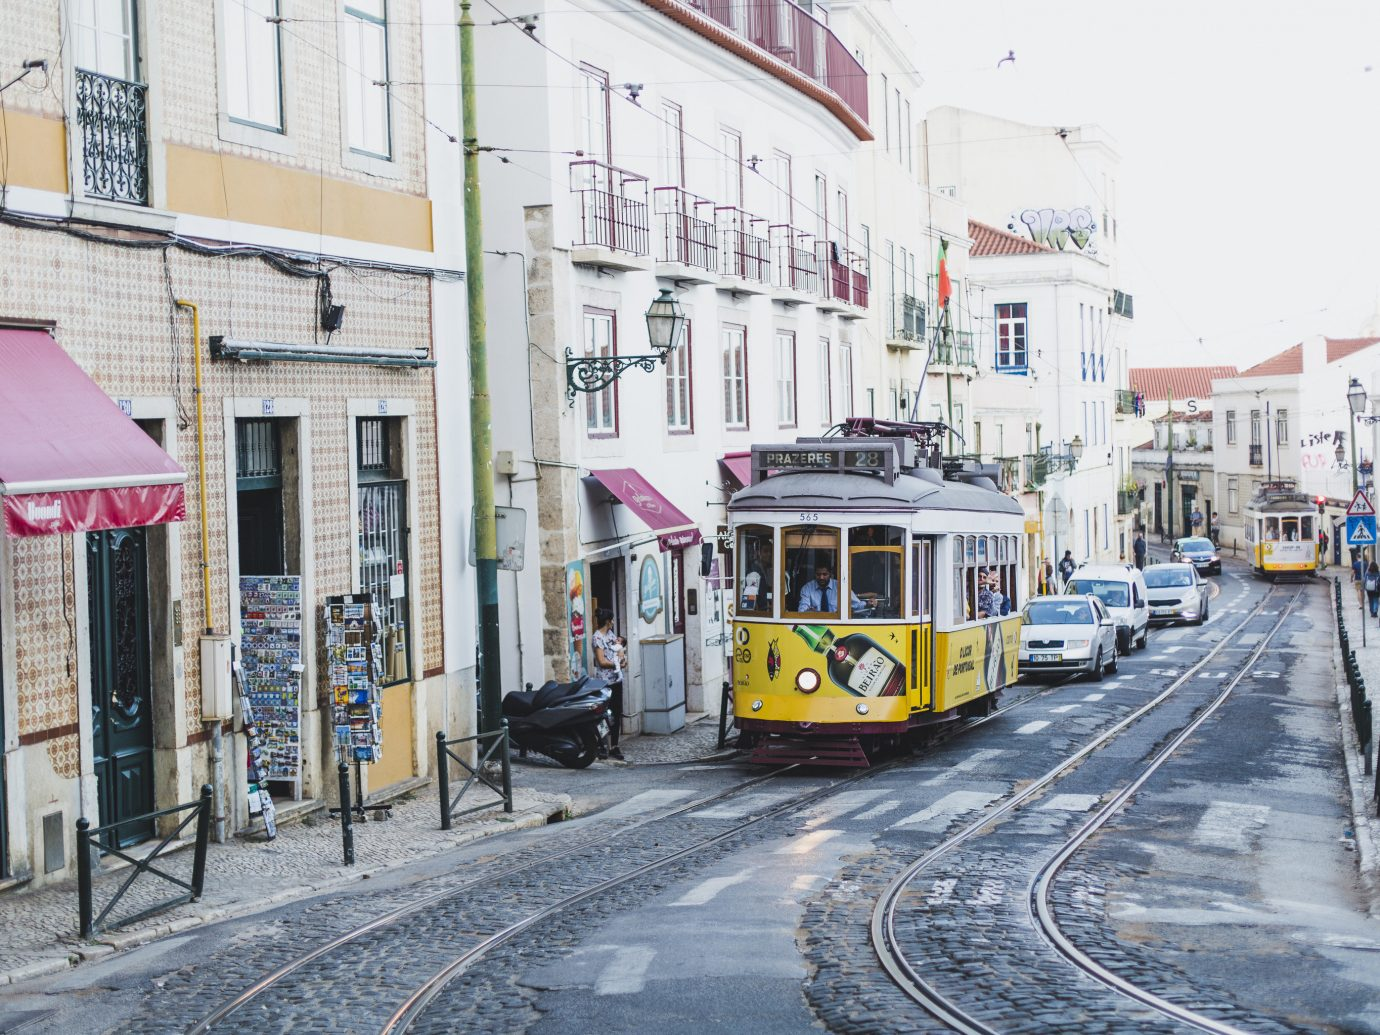 Trolly car in Lisbon Portugal